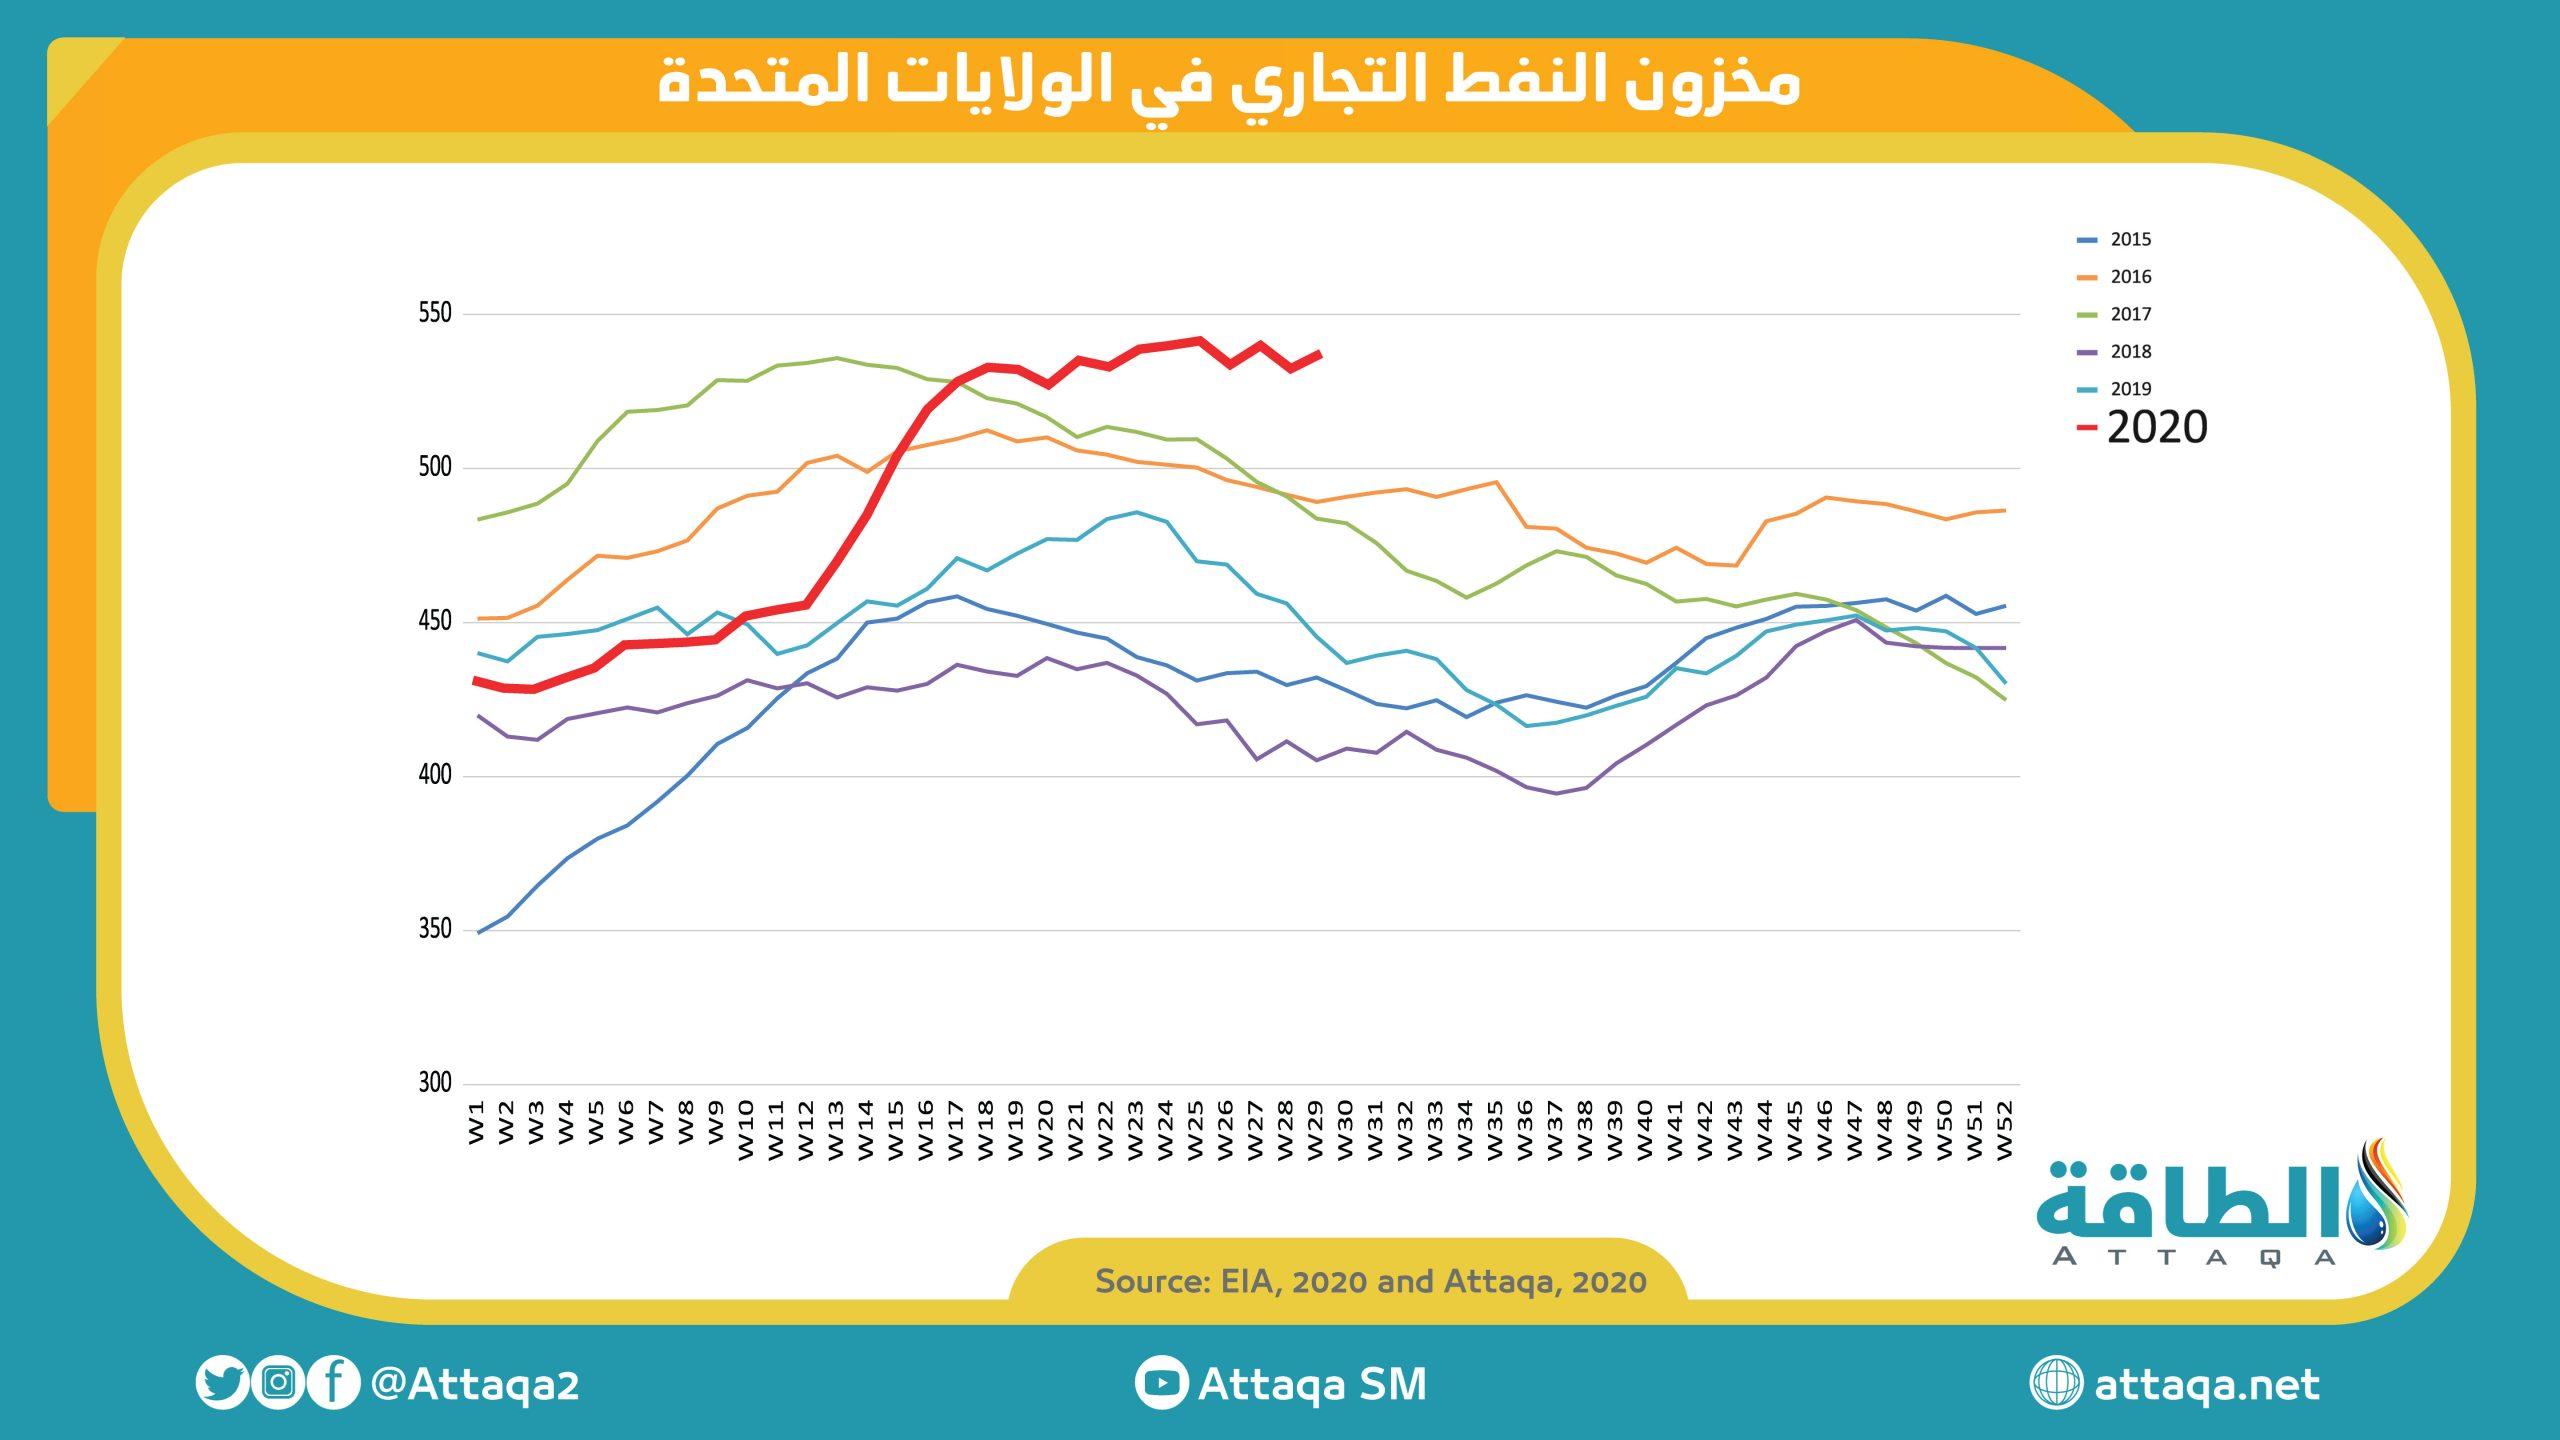 ارتفاع مخزونات النفط الأميركية بمقدار 4.9 مليون برميل الأسبوع الماضي